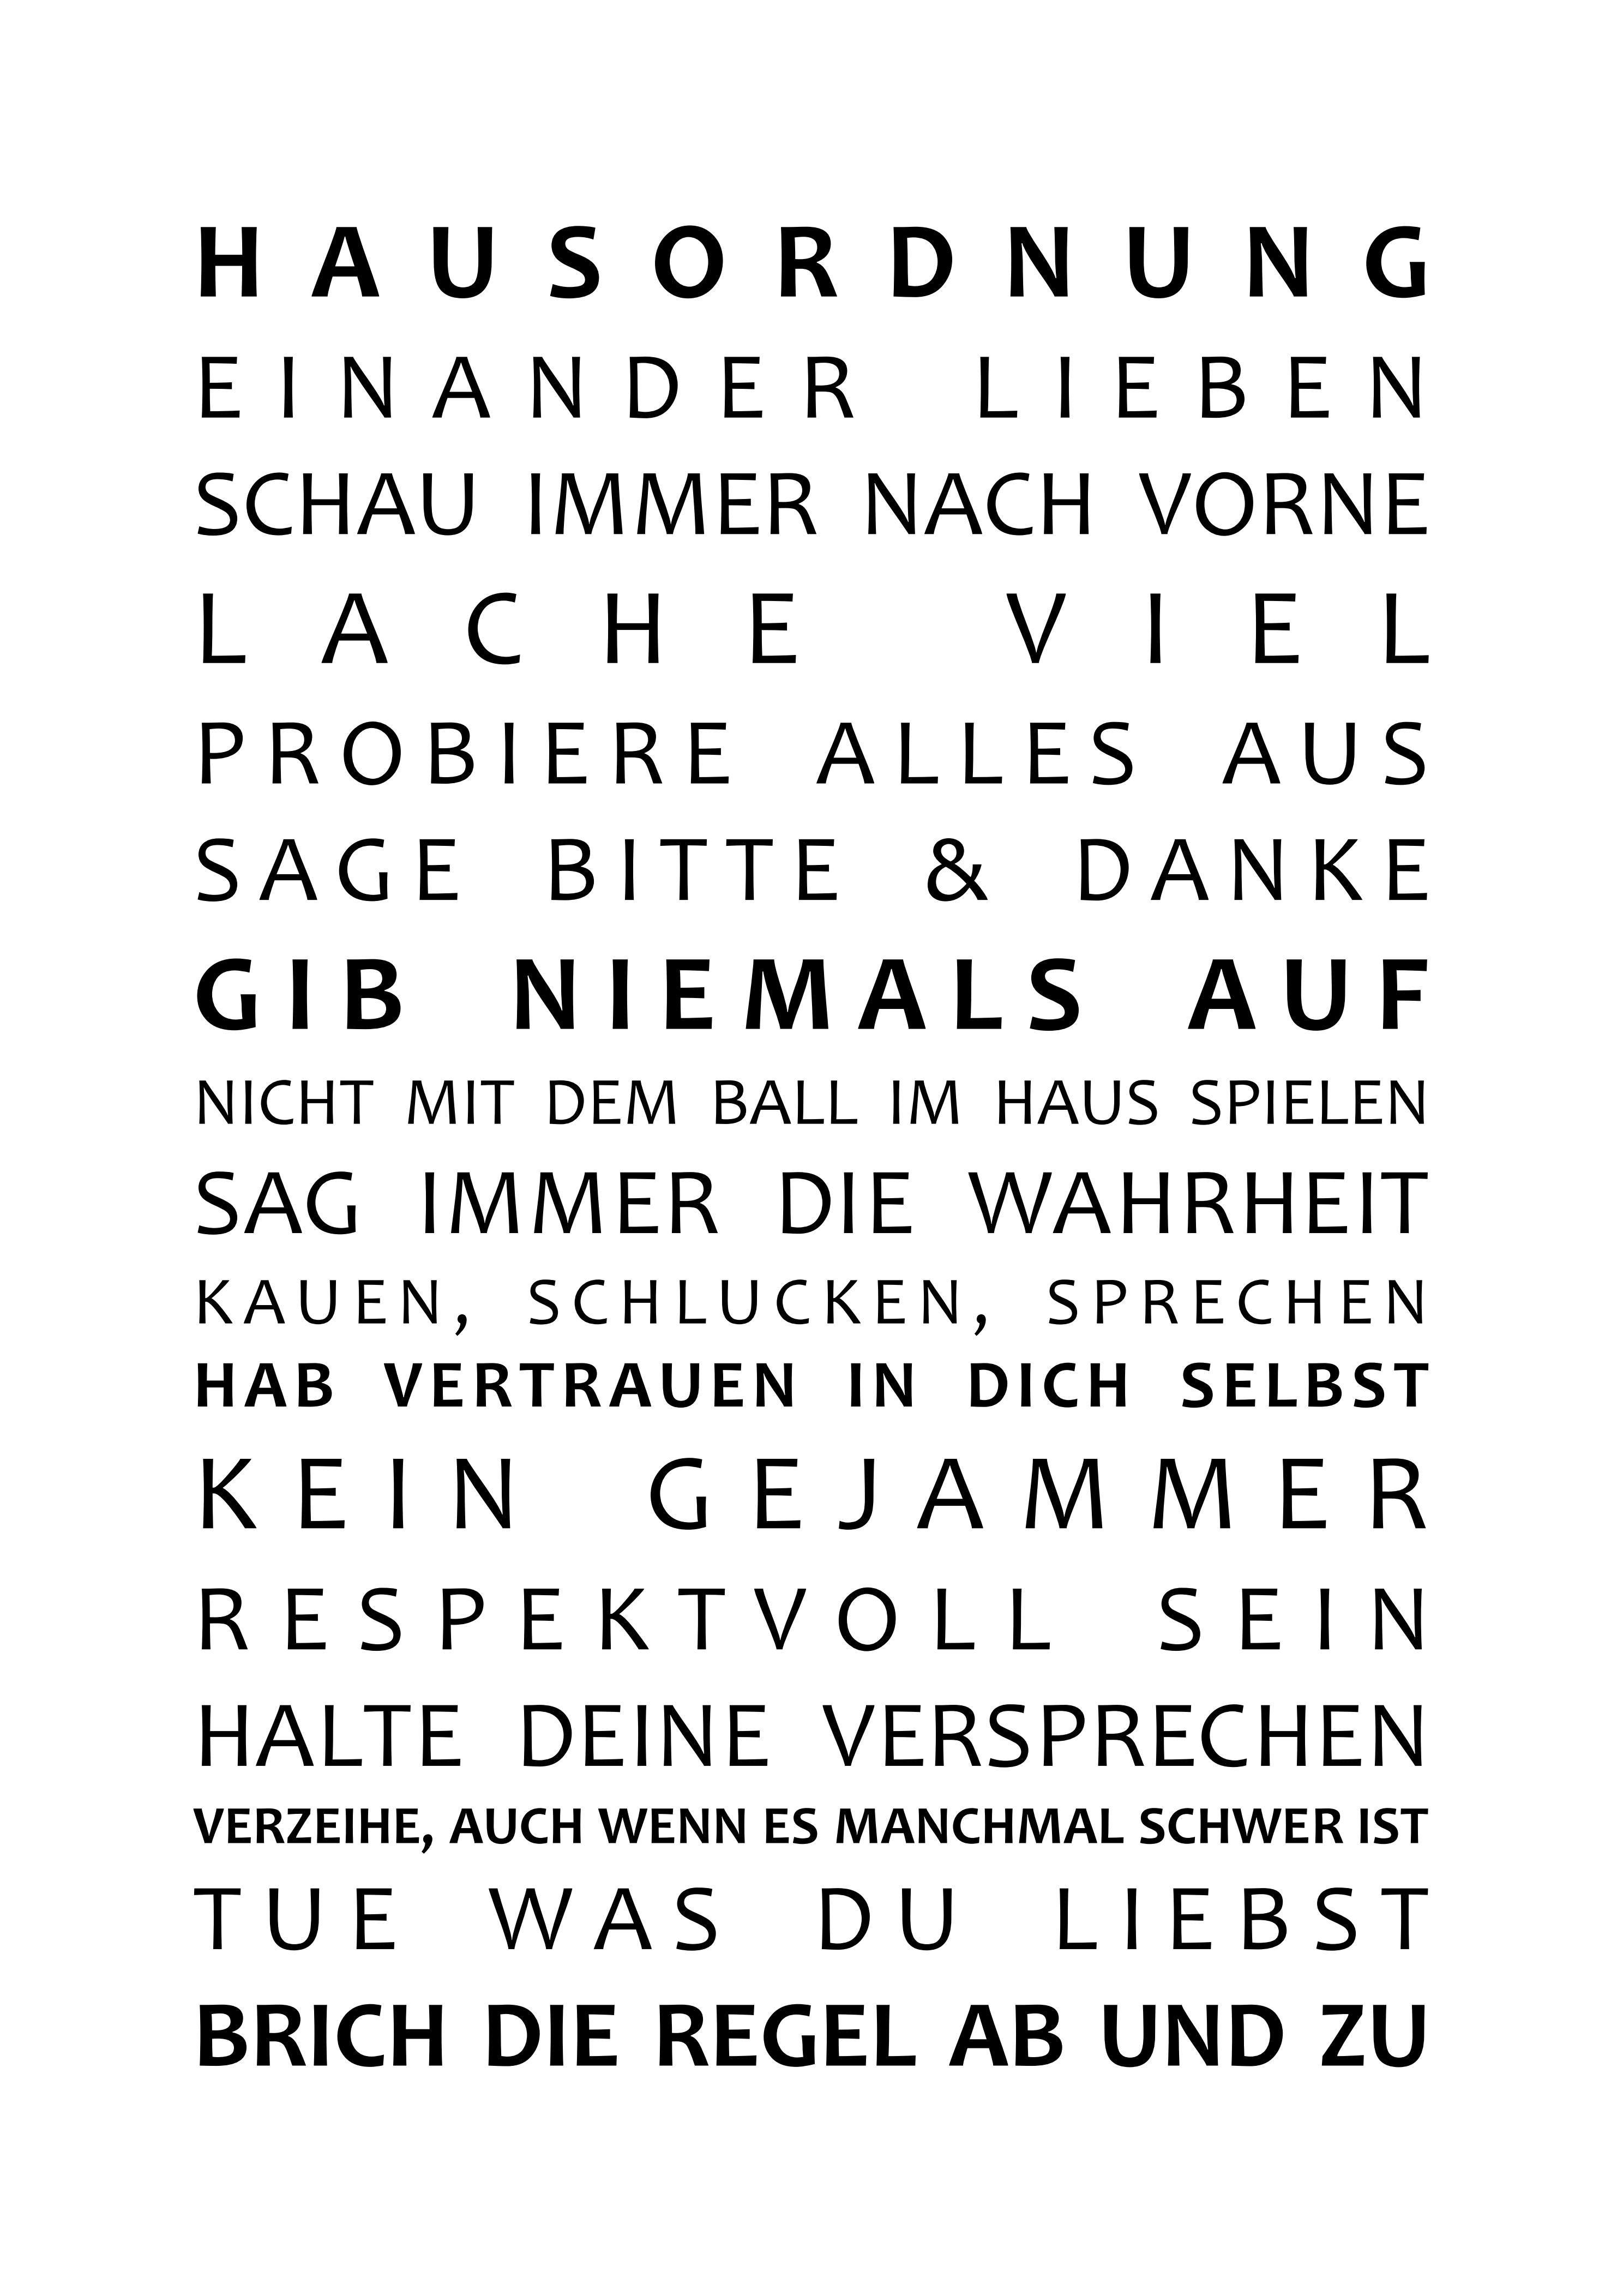 Hausordnung Bild Spruche Regeln Diy Poster Hausordnung Weisheiten Diy Poster